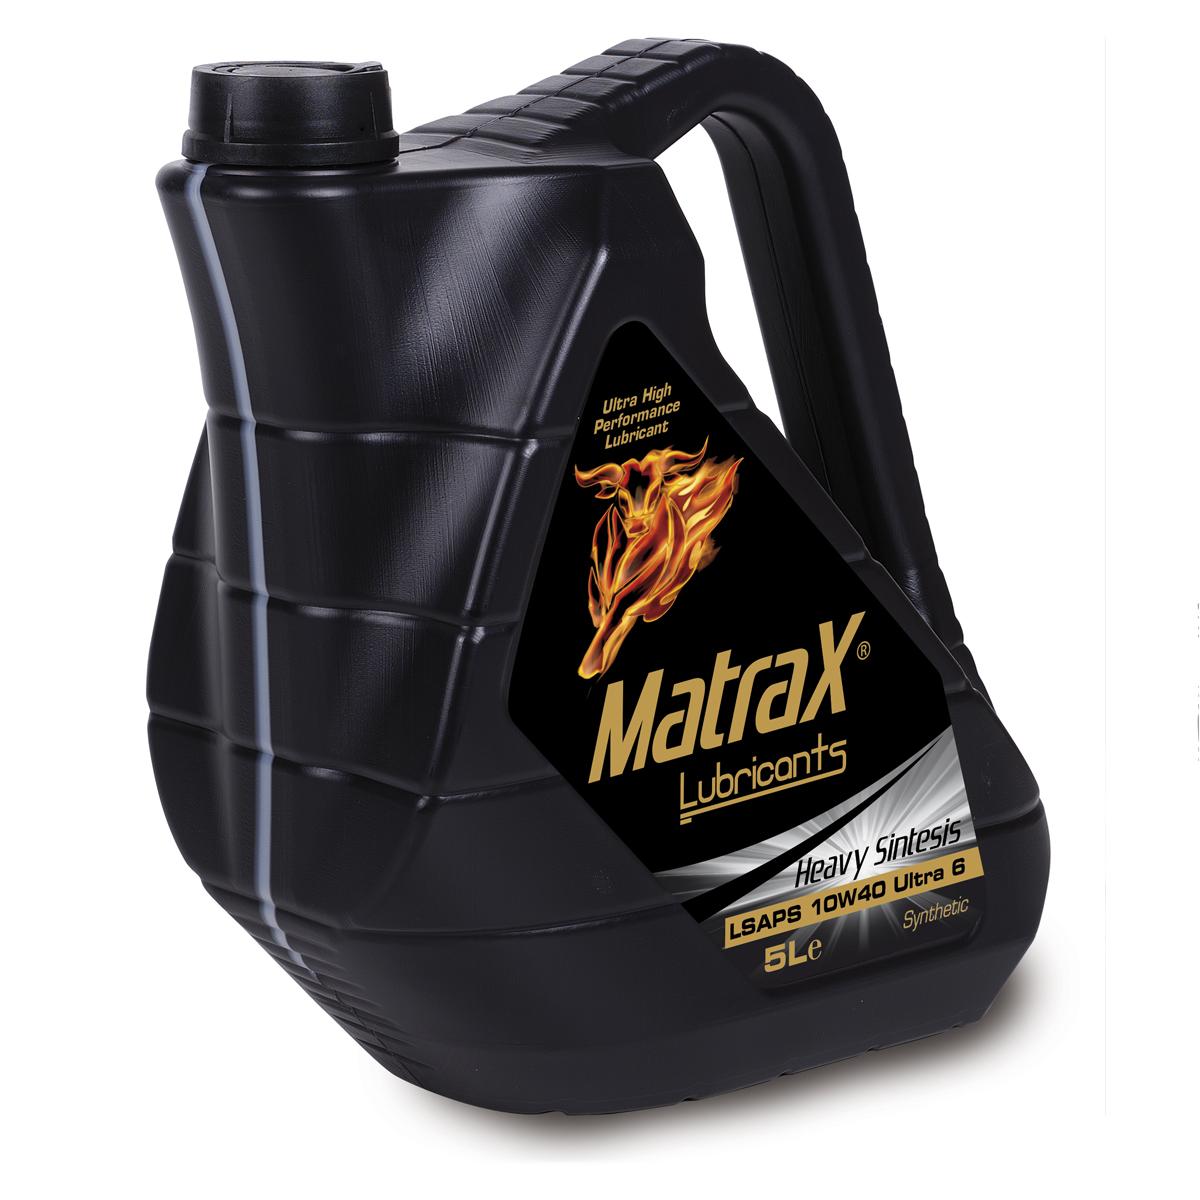 MatraX Heavy Sintesis LSAPS 10W40 Ultra 6